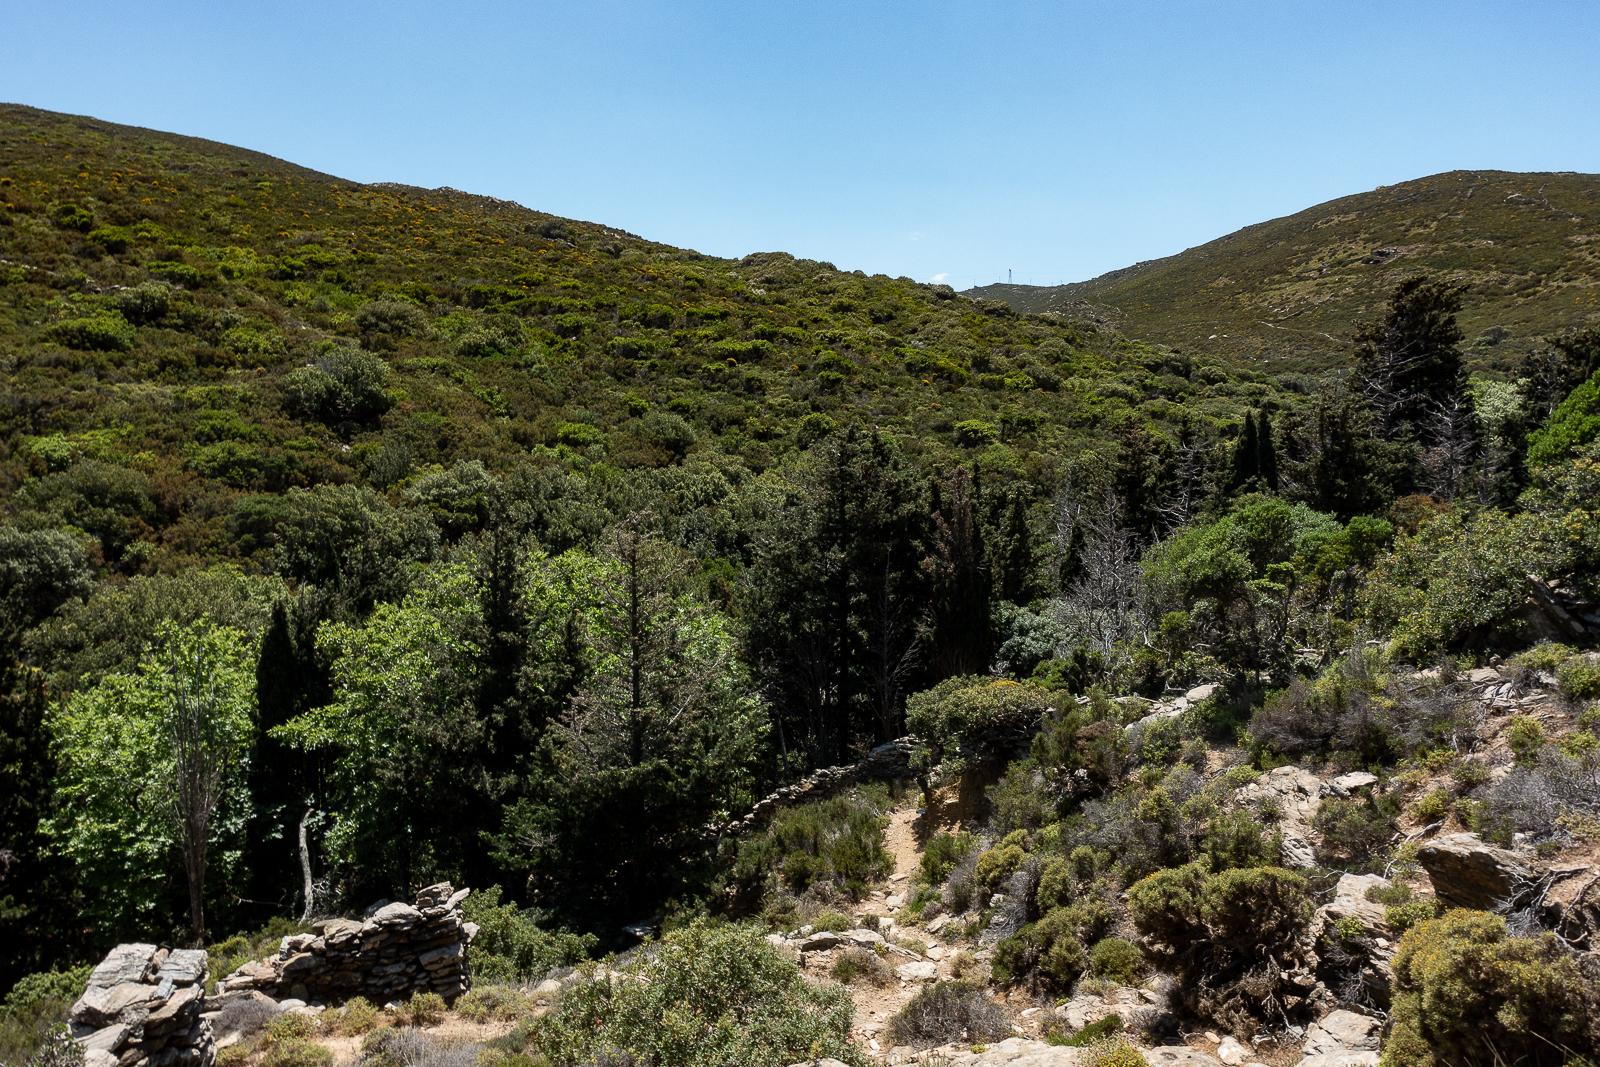 Itinéraire d'un voyages dans les Cyclades : Randonnée à Andros. Partis pour les Cyclades